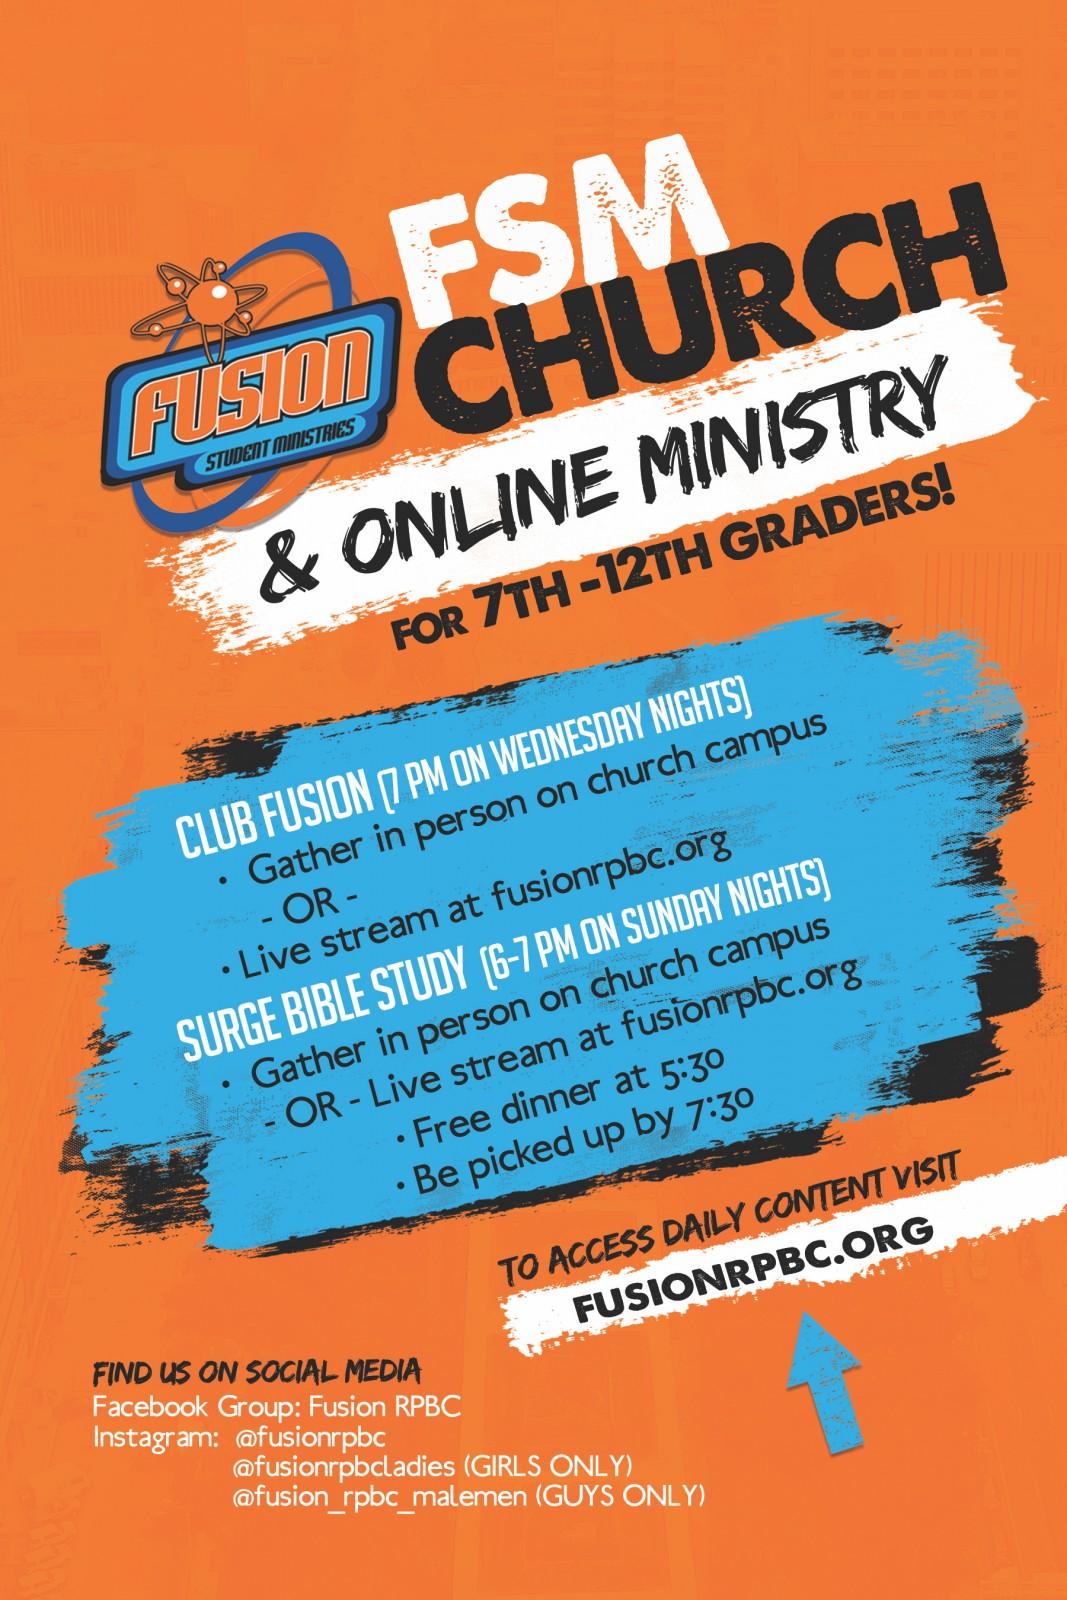 FSM_ChurchAndOnline_Ministry